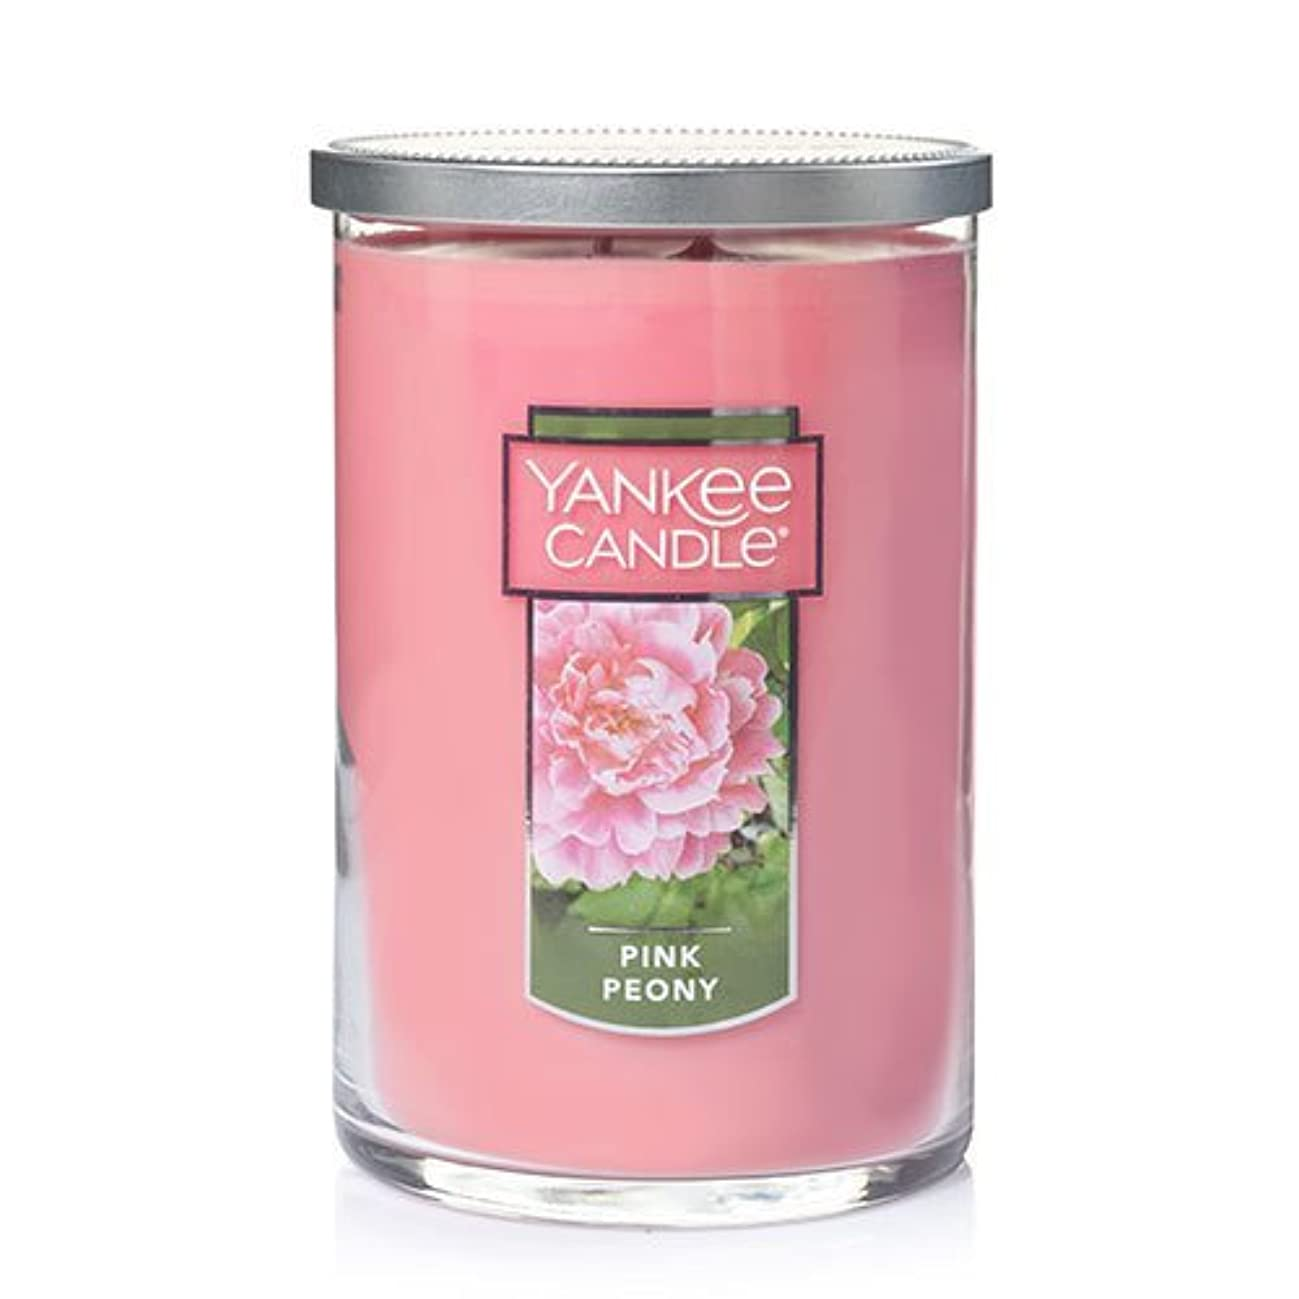 特定の塗抹家具Yankee Candle Companyピンク牡丹Large 2-wickタンブラーCandle , Food & Spice香り